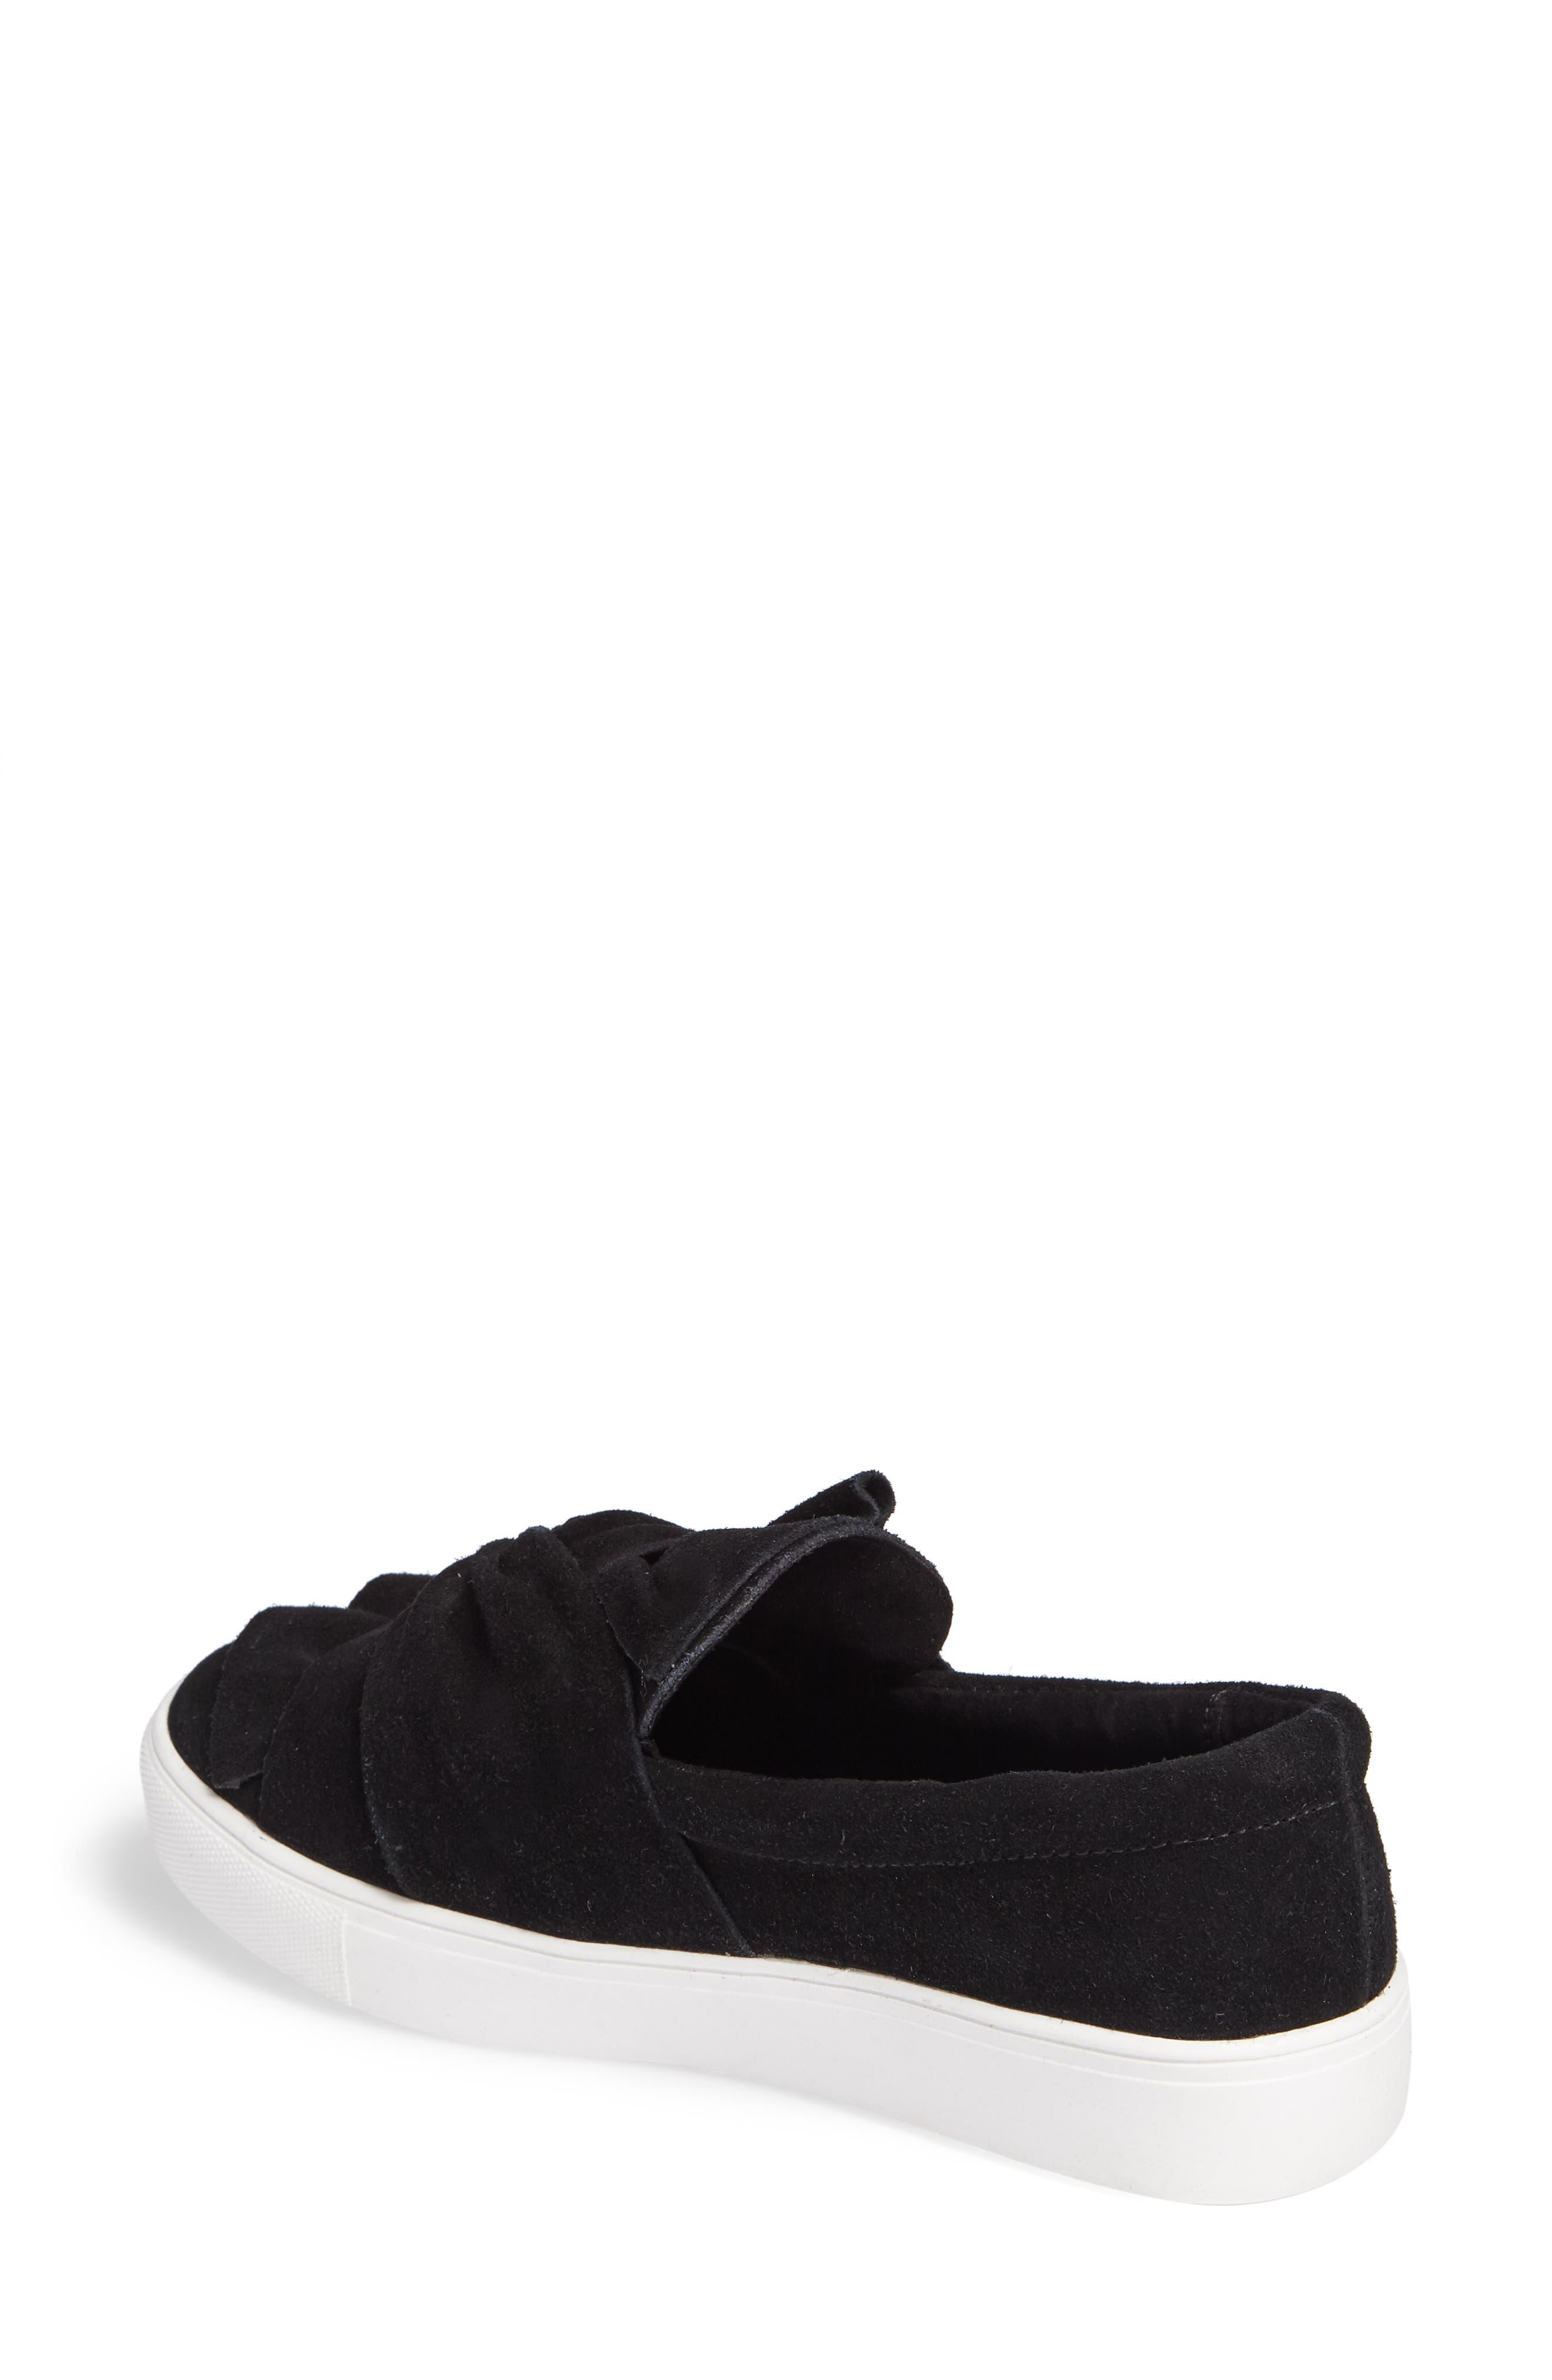 Zahara Slip-On Sneaker,                             Alternate thumbnail 2, color,                             001